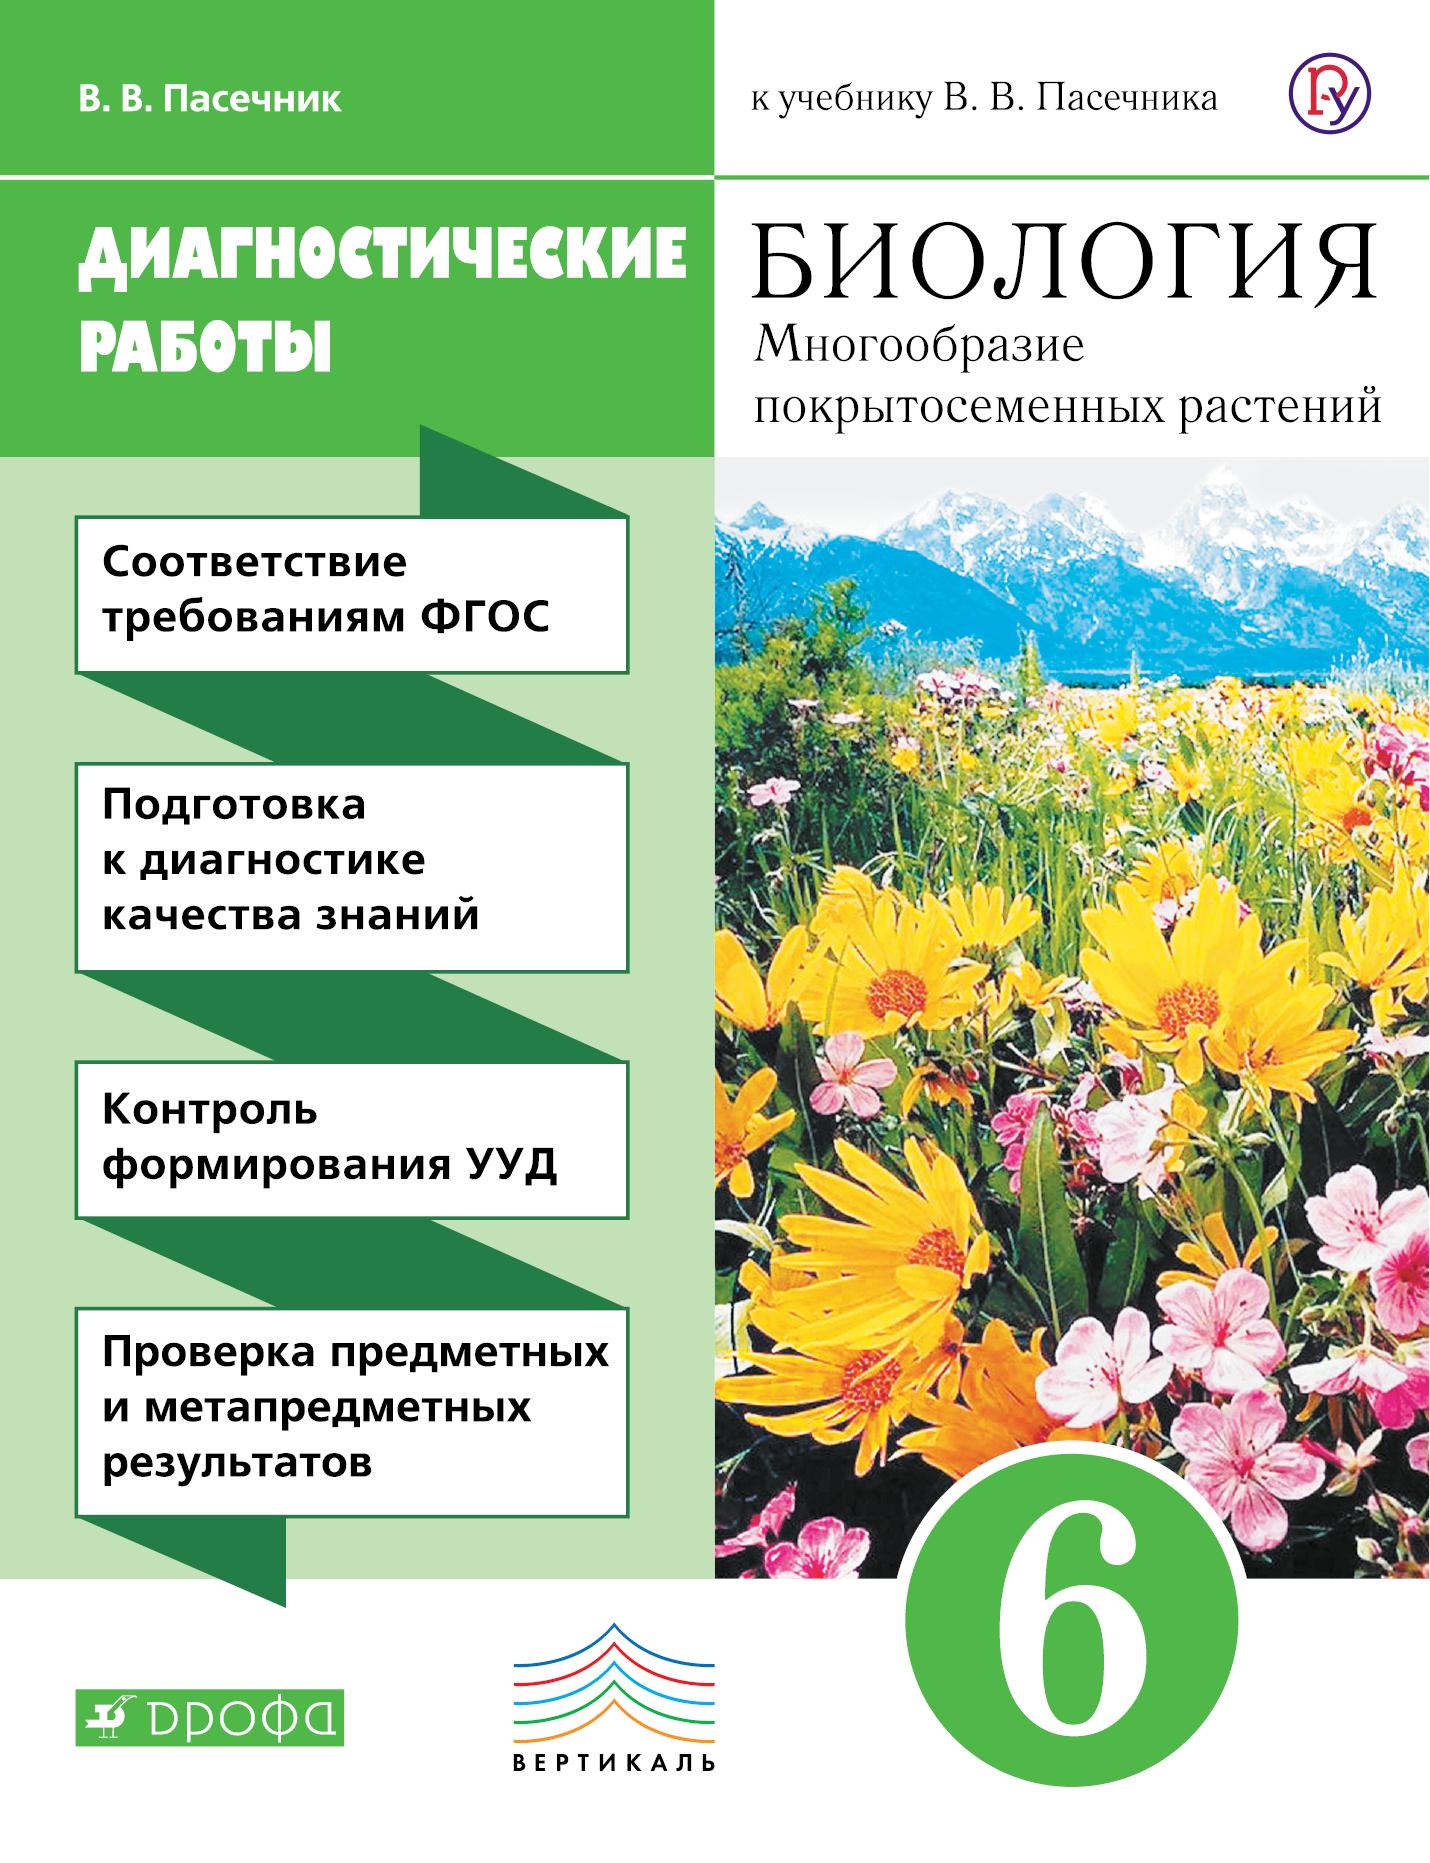 semiotika-otveti-na-tetrad-po-biologii-k-uchebniku-pasechnik-5-klass-ribovodstvu-temu-raschet